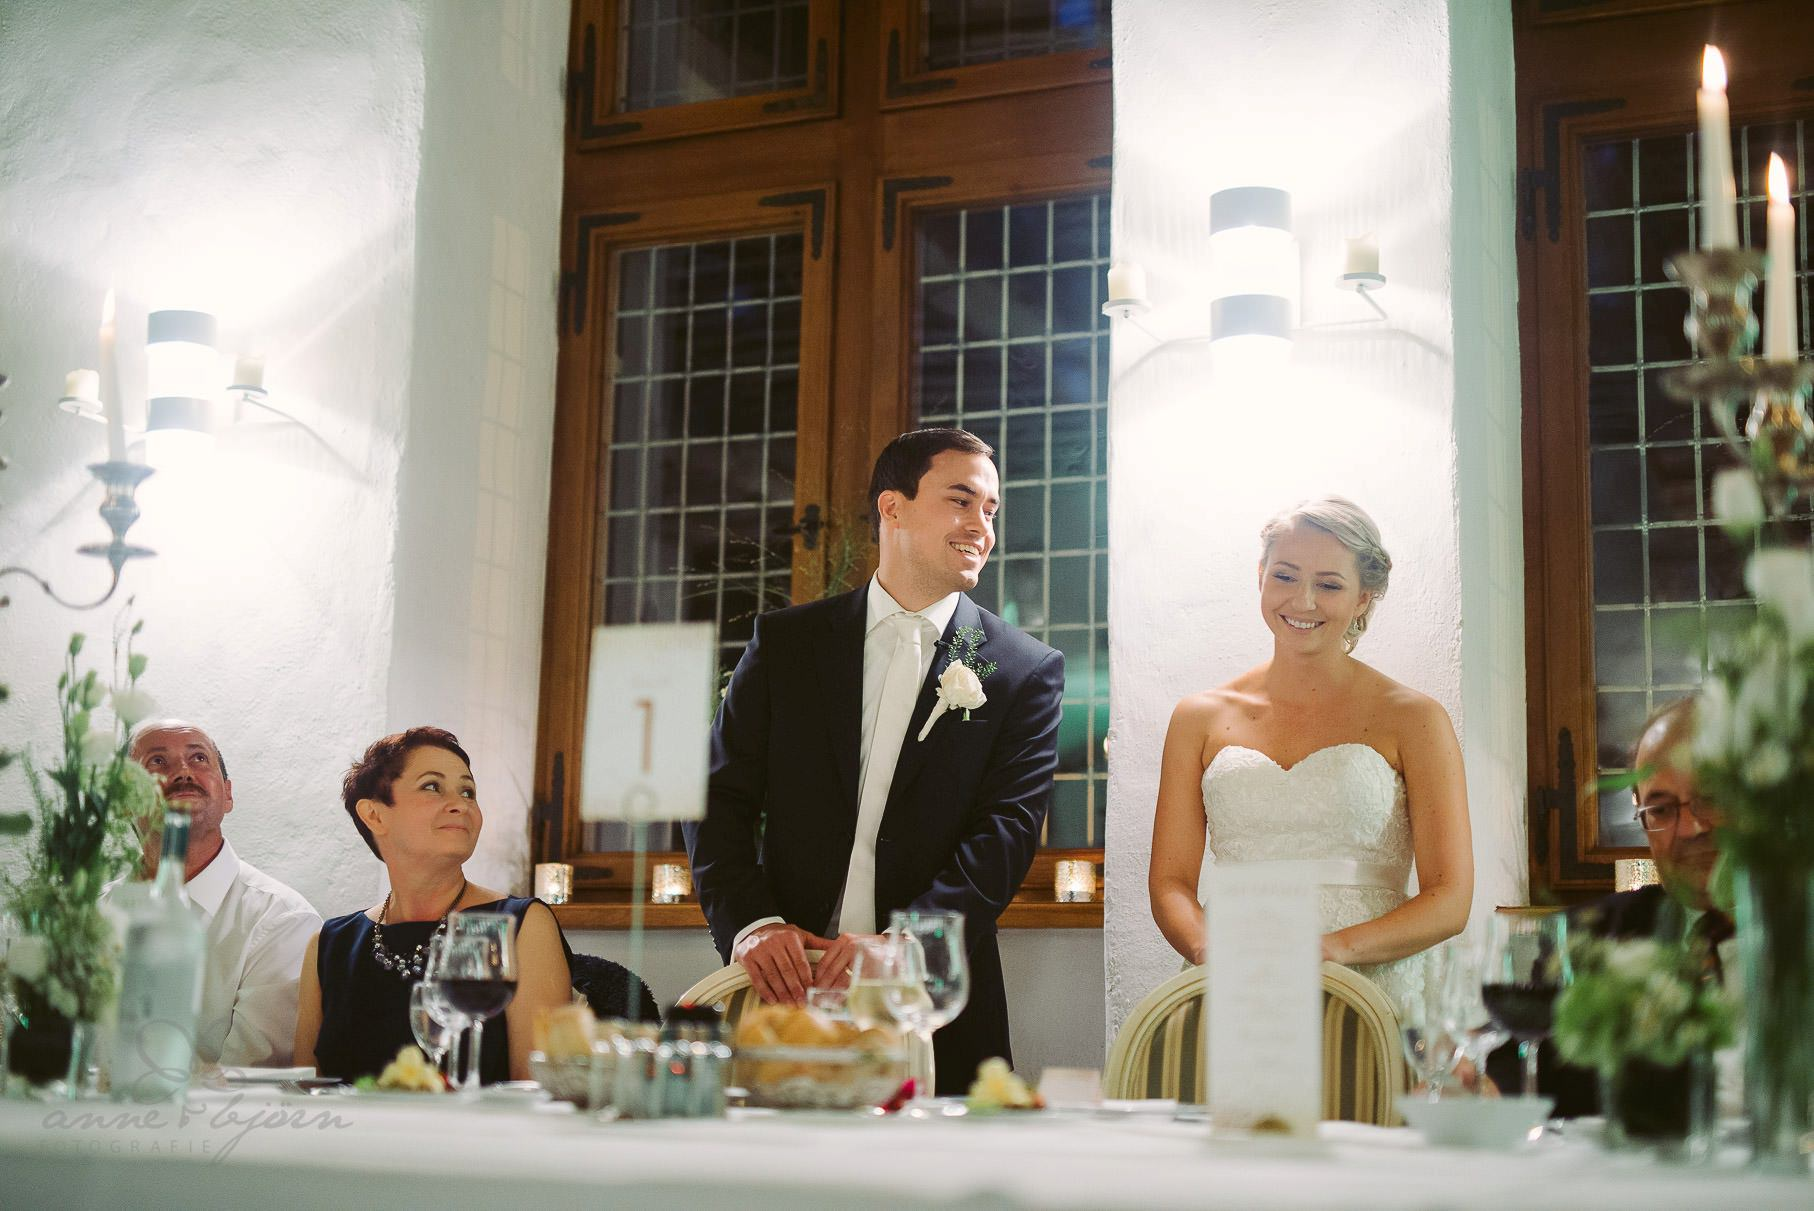 0059 euo 812 1864 - Hochzeit im Schloss Reinbek - Elvira & Olaf